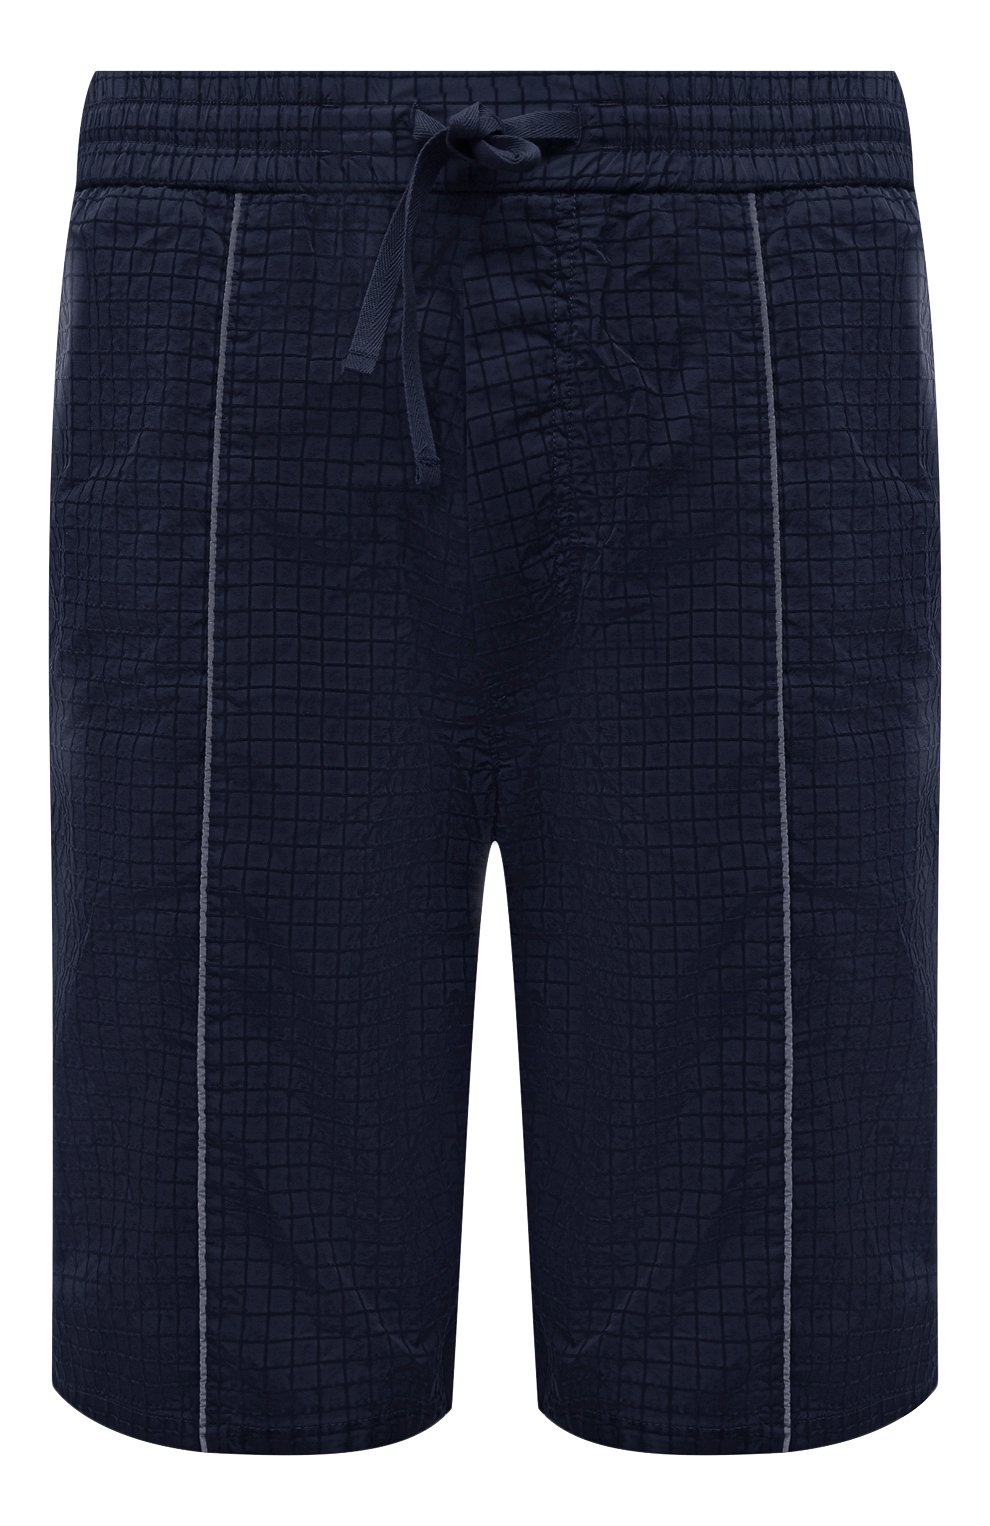 Мужские шорты ICEBERG синего цвета, арт. 21E I1P0/D060/5145   Фото 1 (Мужское Кросс-КТ: Шорты-одежда; Длина Шорты М: До колена; Принт: Без принта; Материал внешний: Синтетический материал; Стили: Спорт-шик)